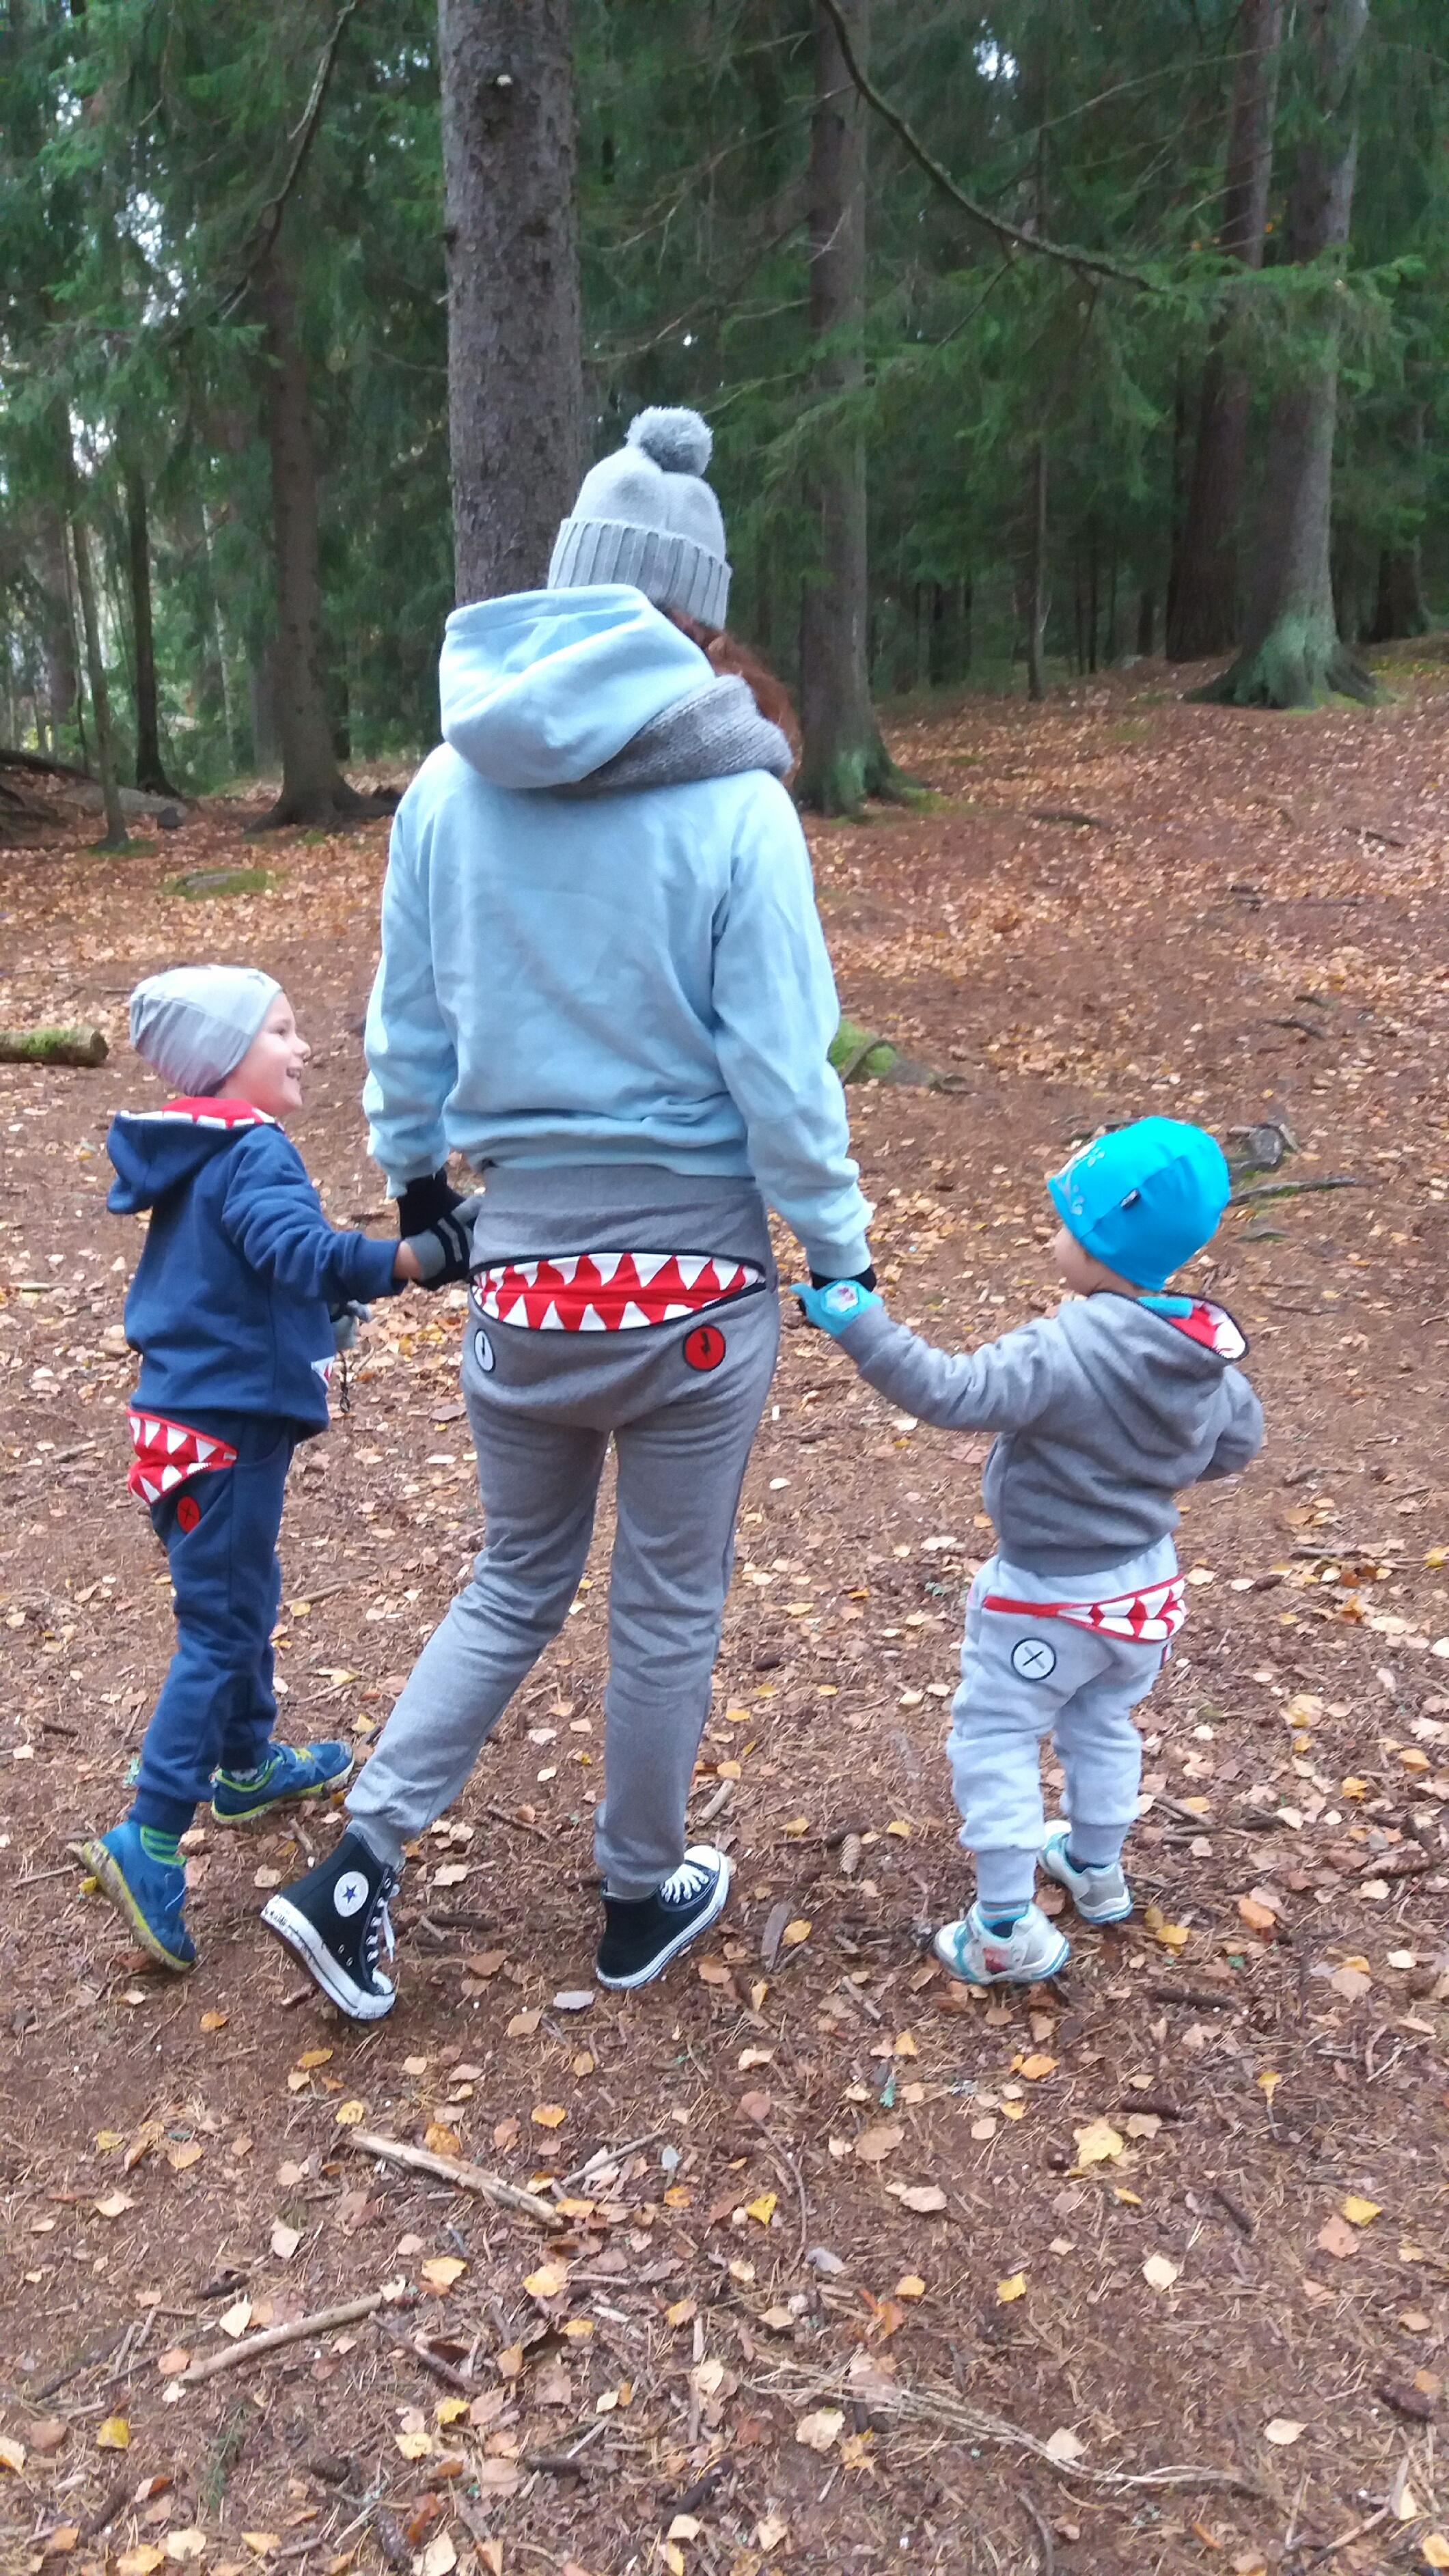 äiti ja pojat kävelevät metsässä